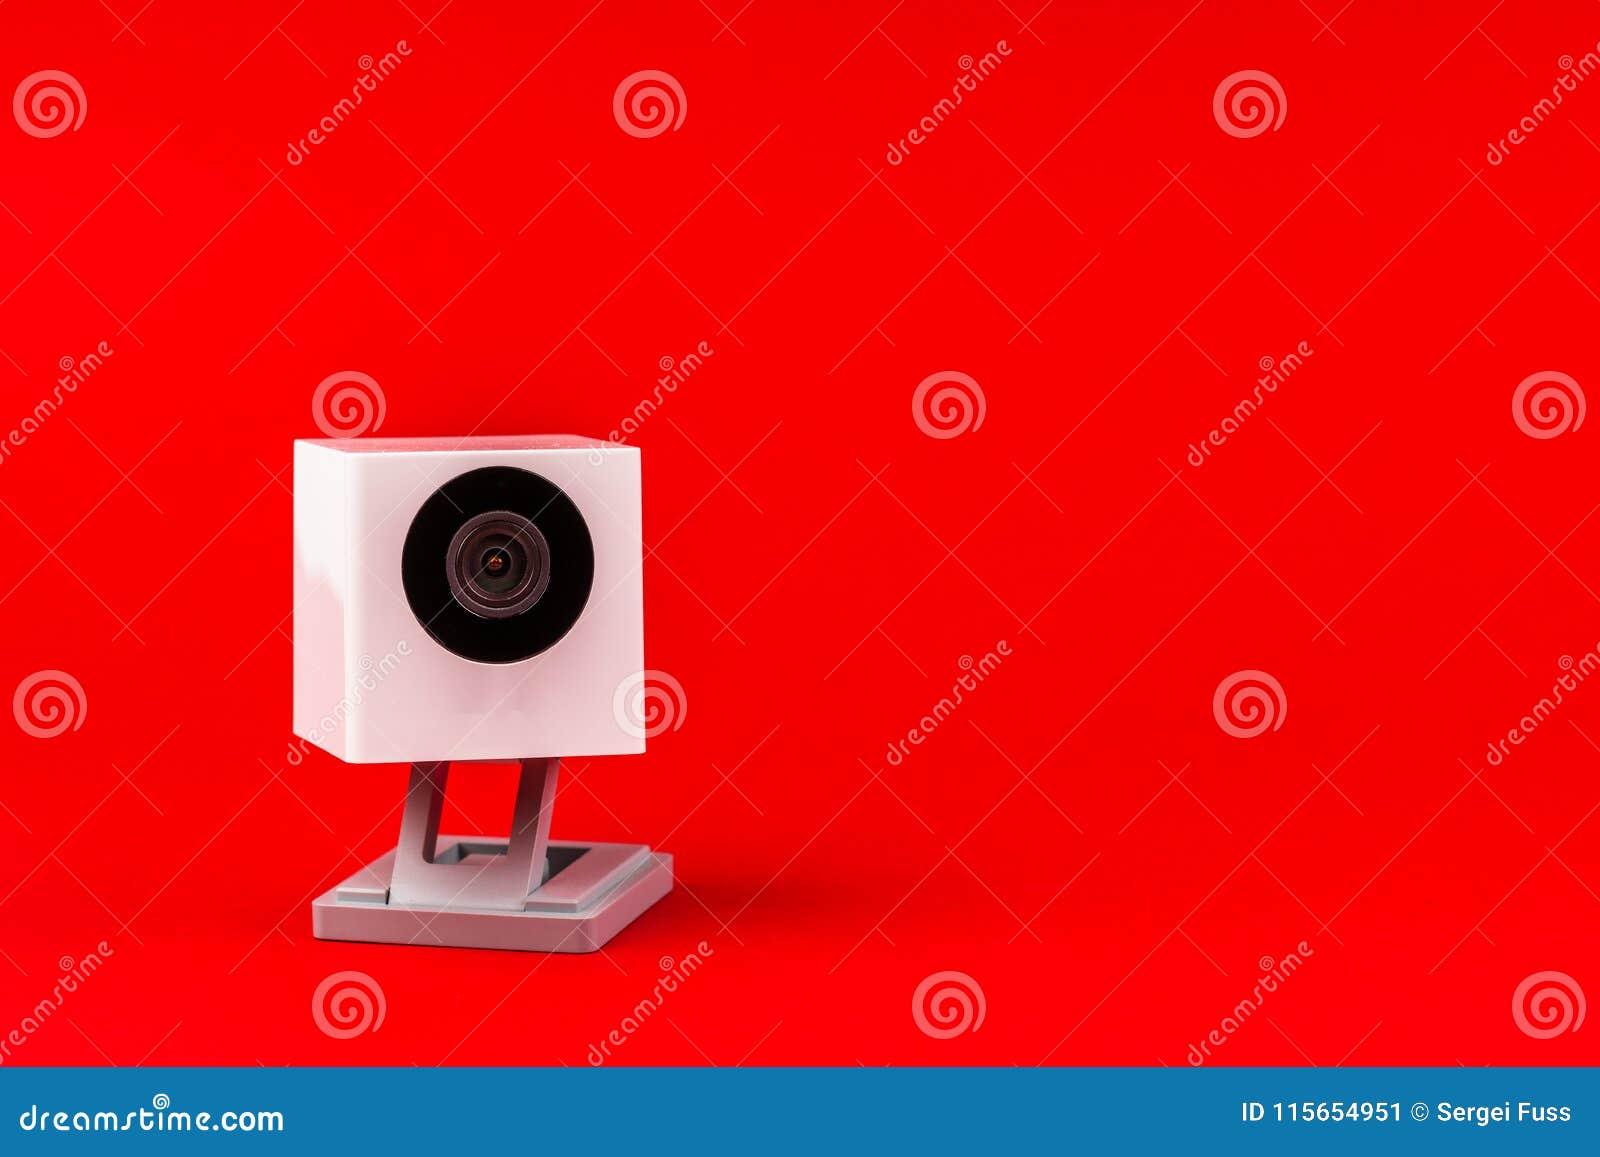 Webcam λευκό σε ένα κόκκινο υπόβαθρο, αντικείμενο, Διαδίκτυο, τεχνολογία γ